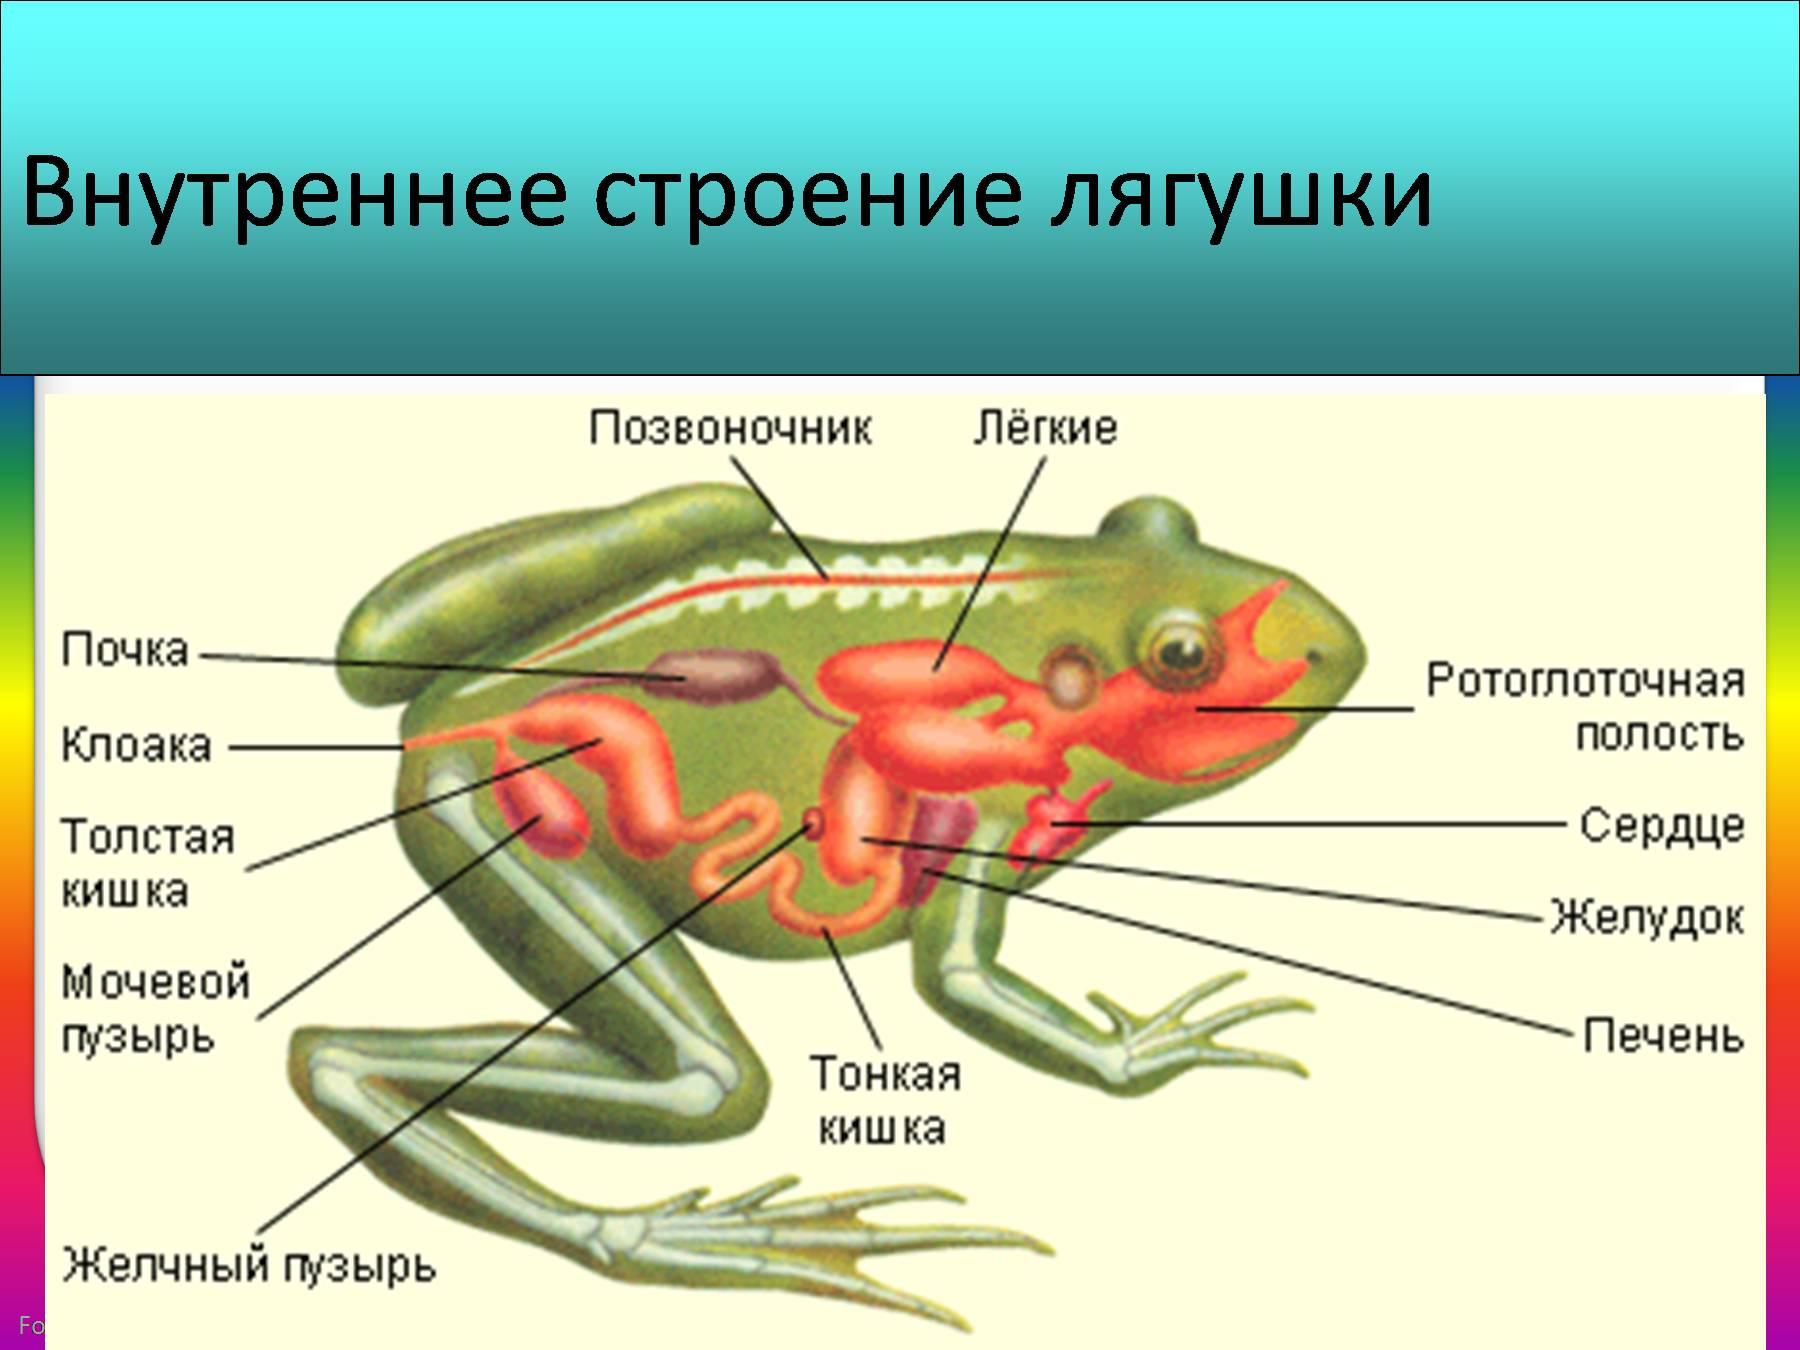 внутренне строение лягушки картинки большинстве это